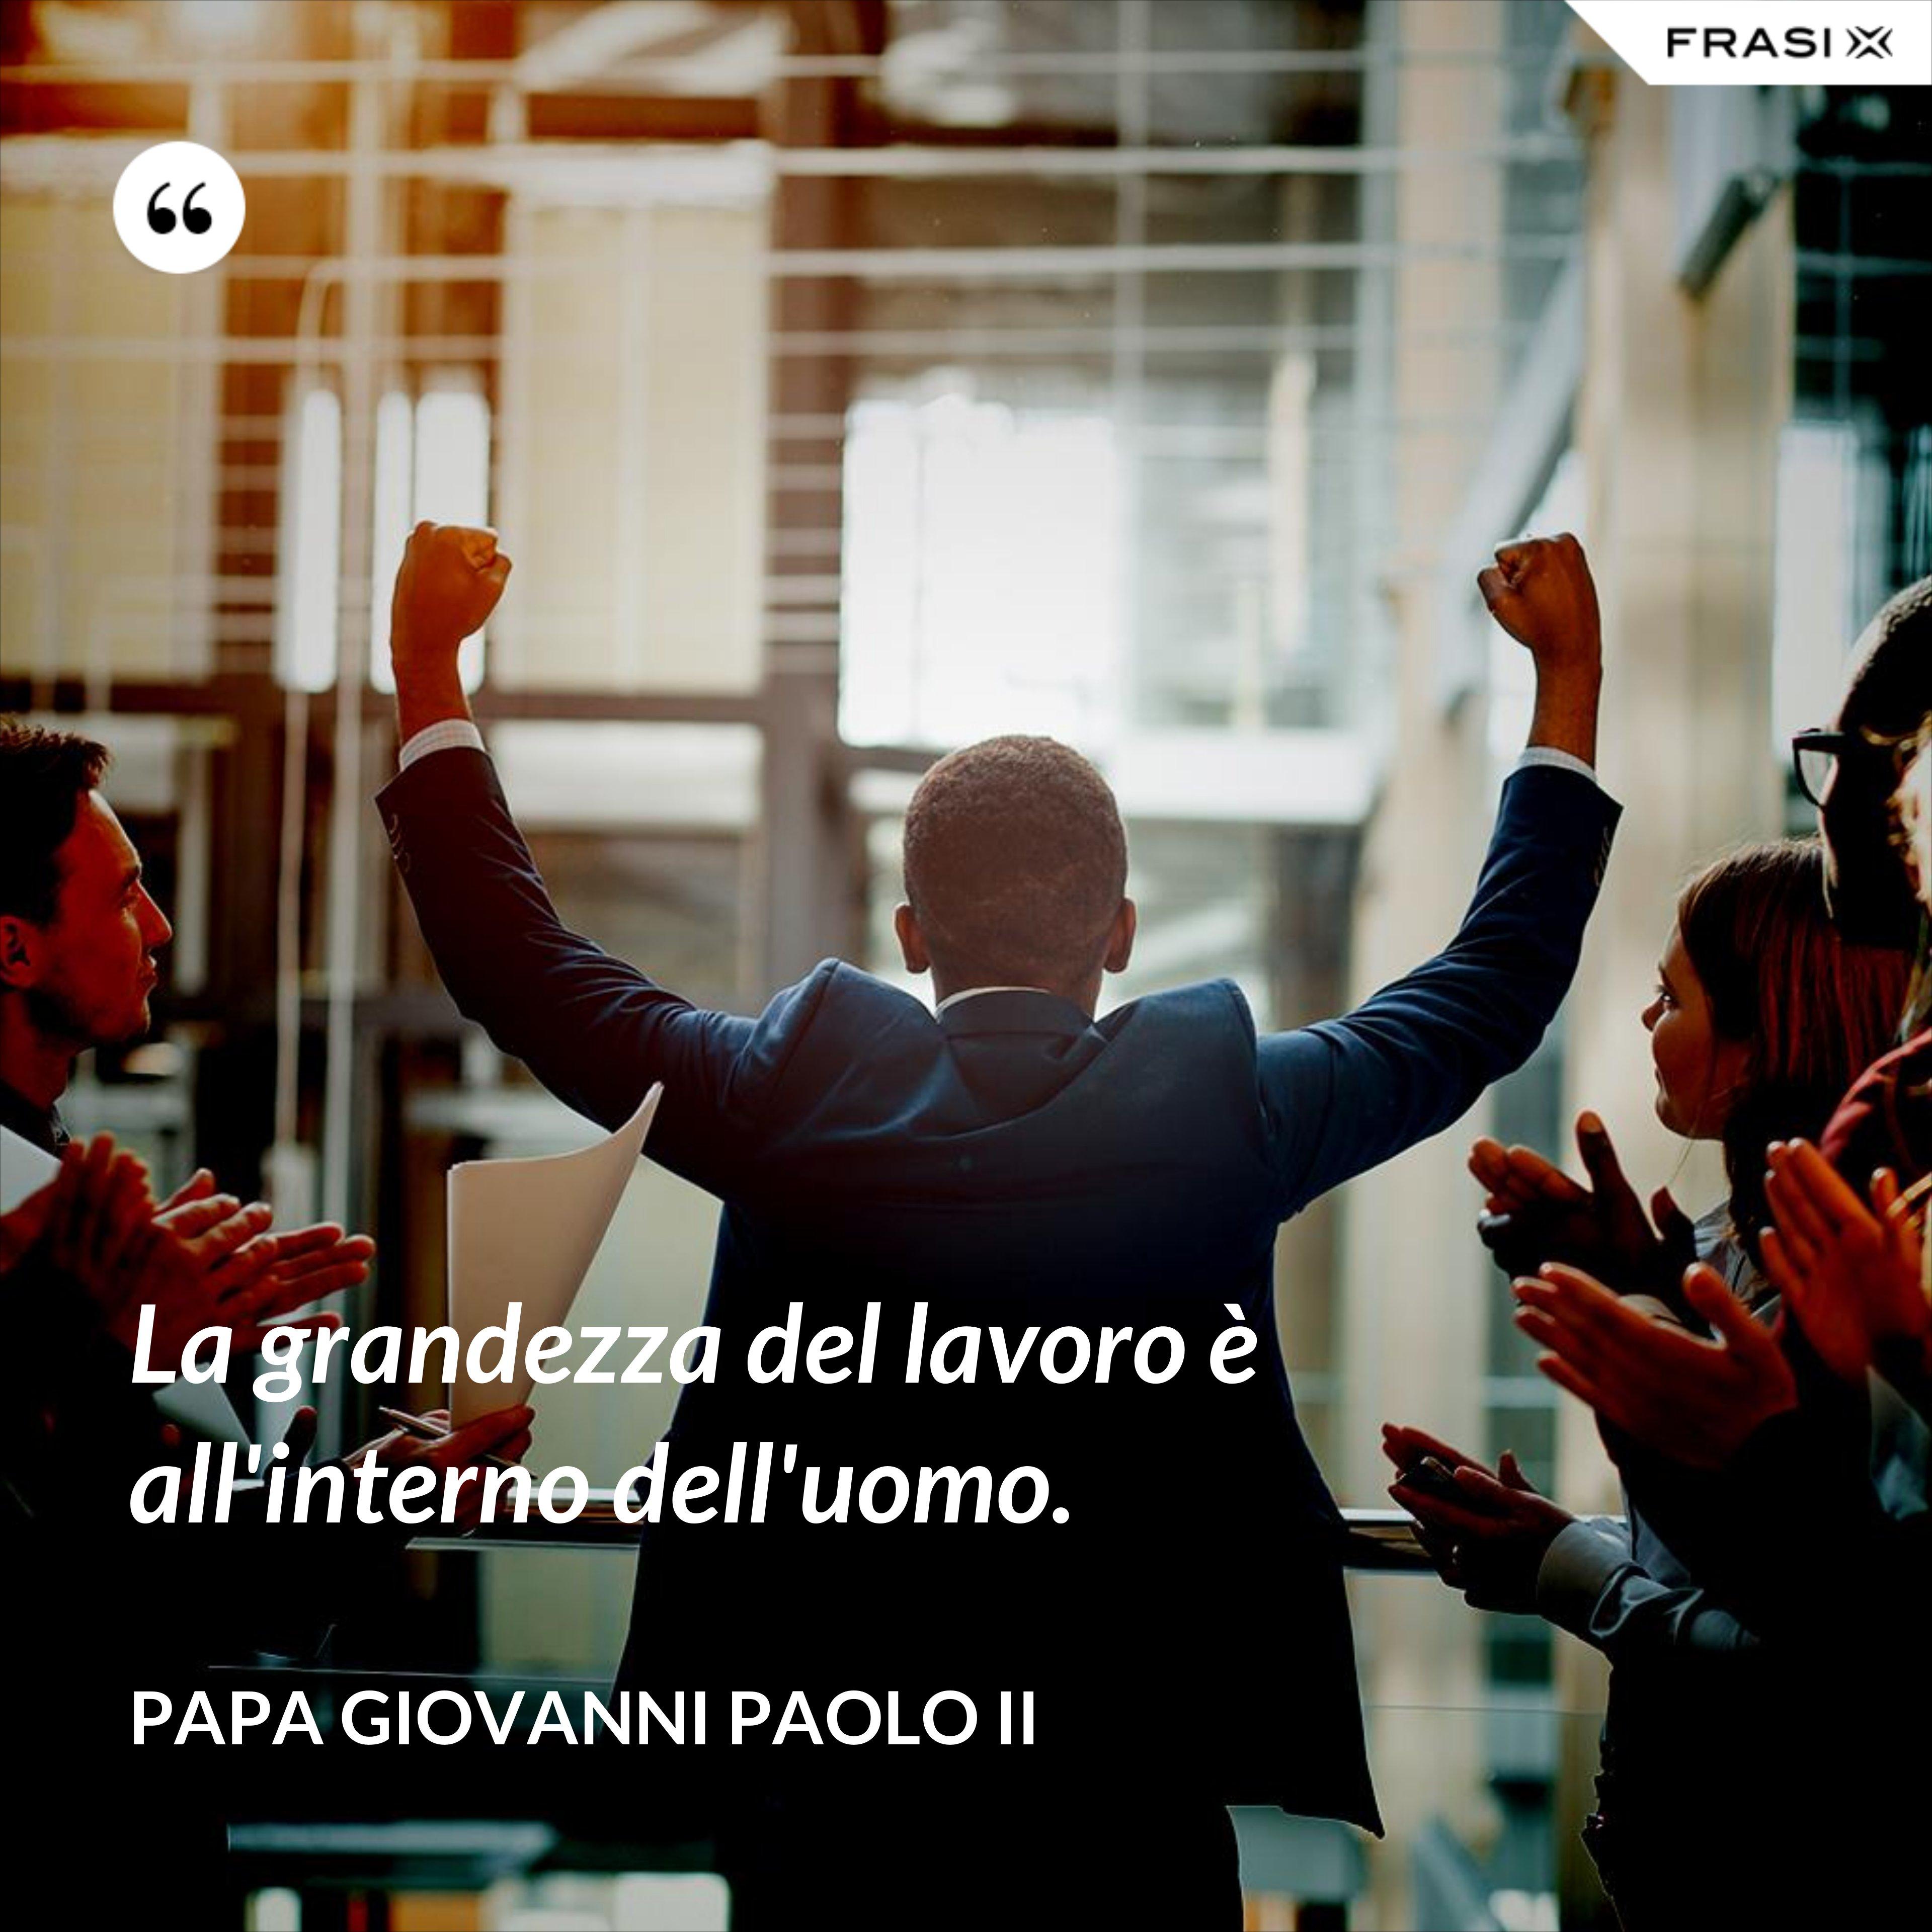 La grandezza del lavoro è all'interno dell'uomo. - Papa Giovanni Paolo II